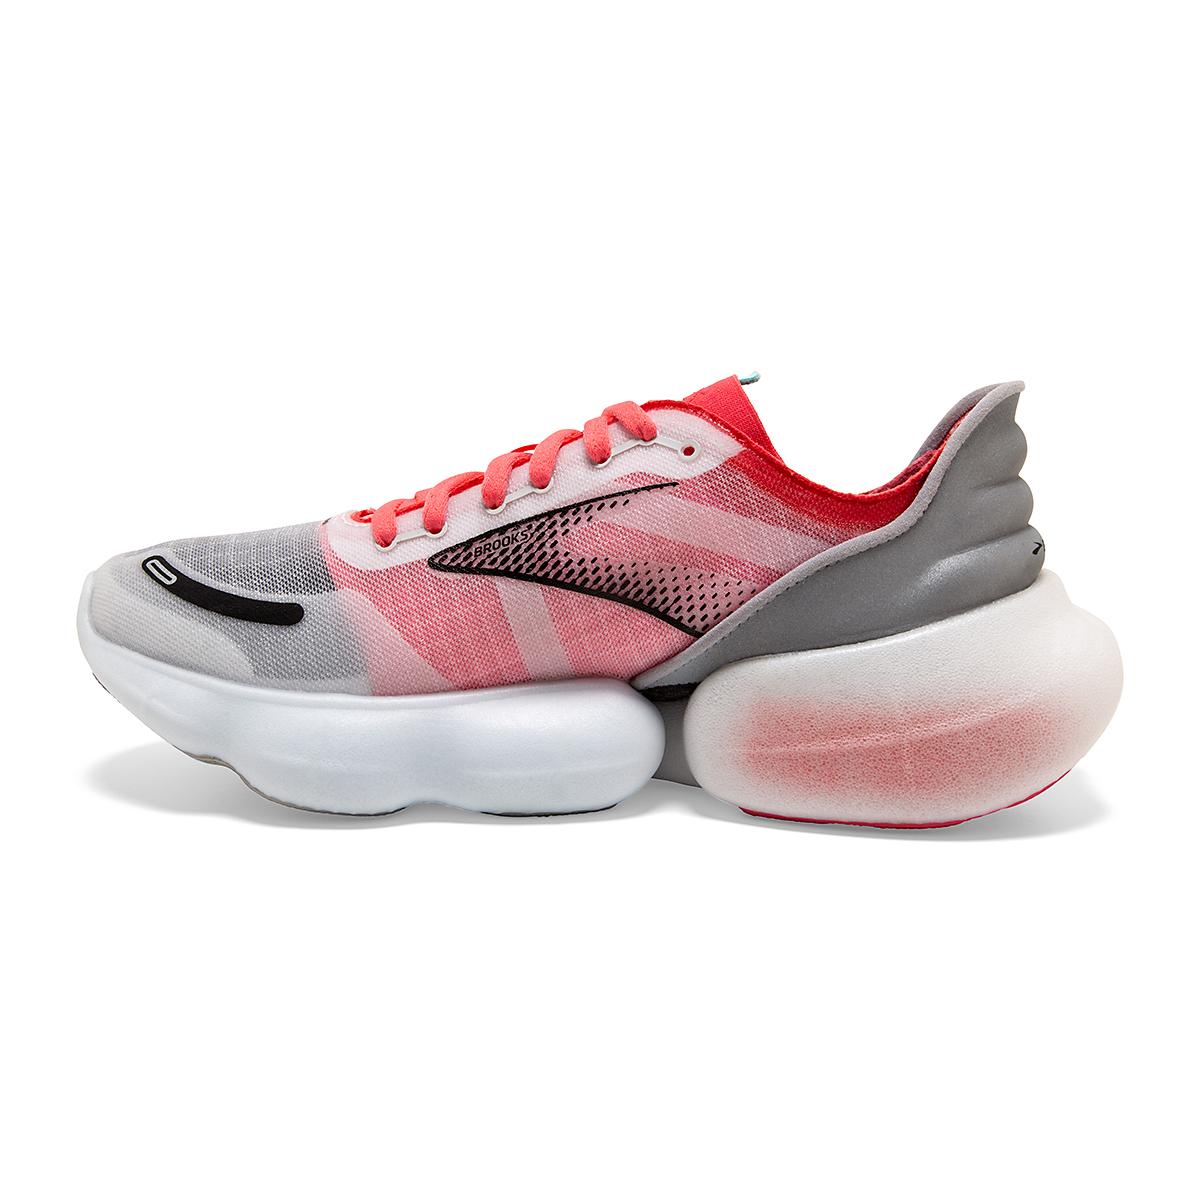 Women's Brooks Aurora-BL Running Shoe - Color: Grey/Coral/Black - Size: 5 - Width: Regular, Grey/Coral/Black, large, image 2